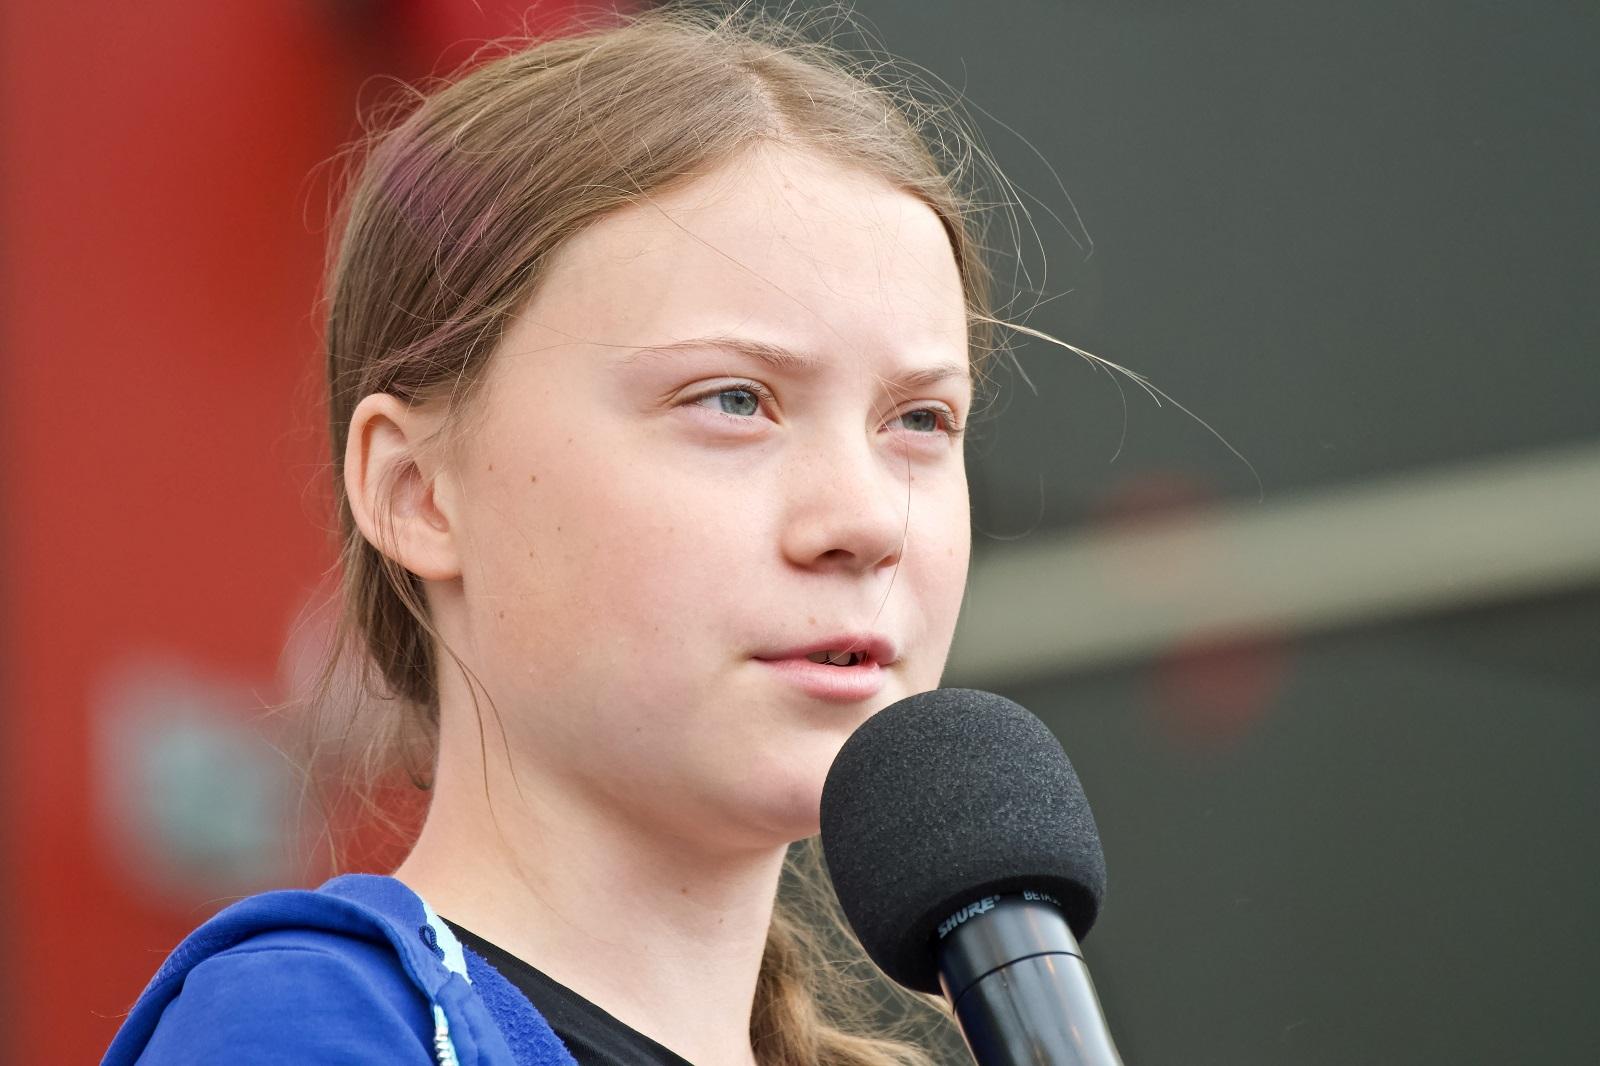 瑞典少女為氣候變遷發聲,獲選時代雜誌年度風雲人物 卻因「這原因」引發爭議